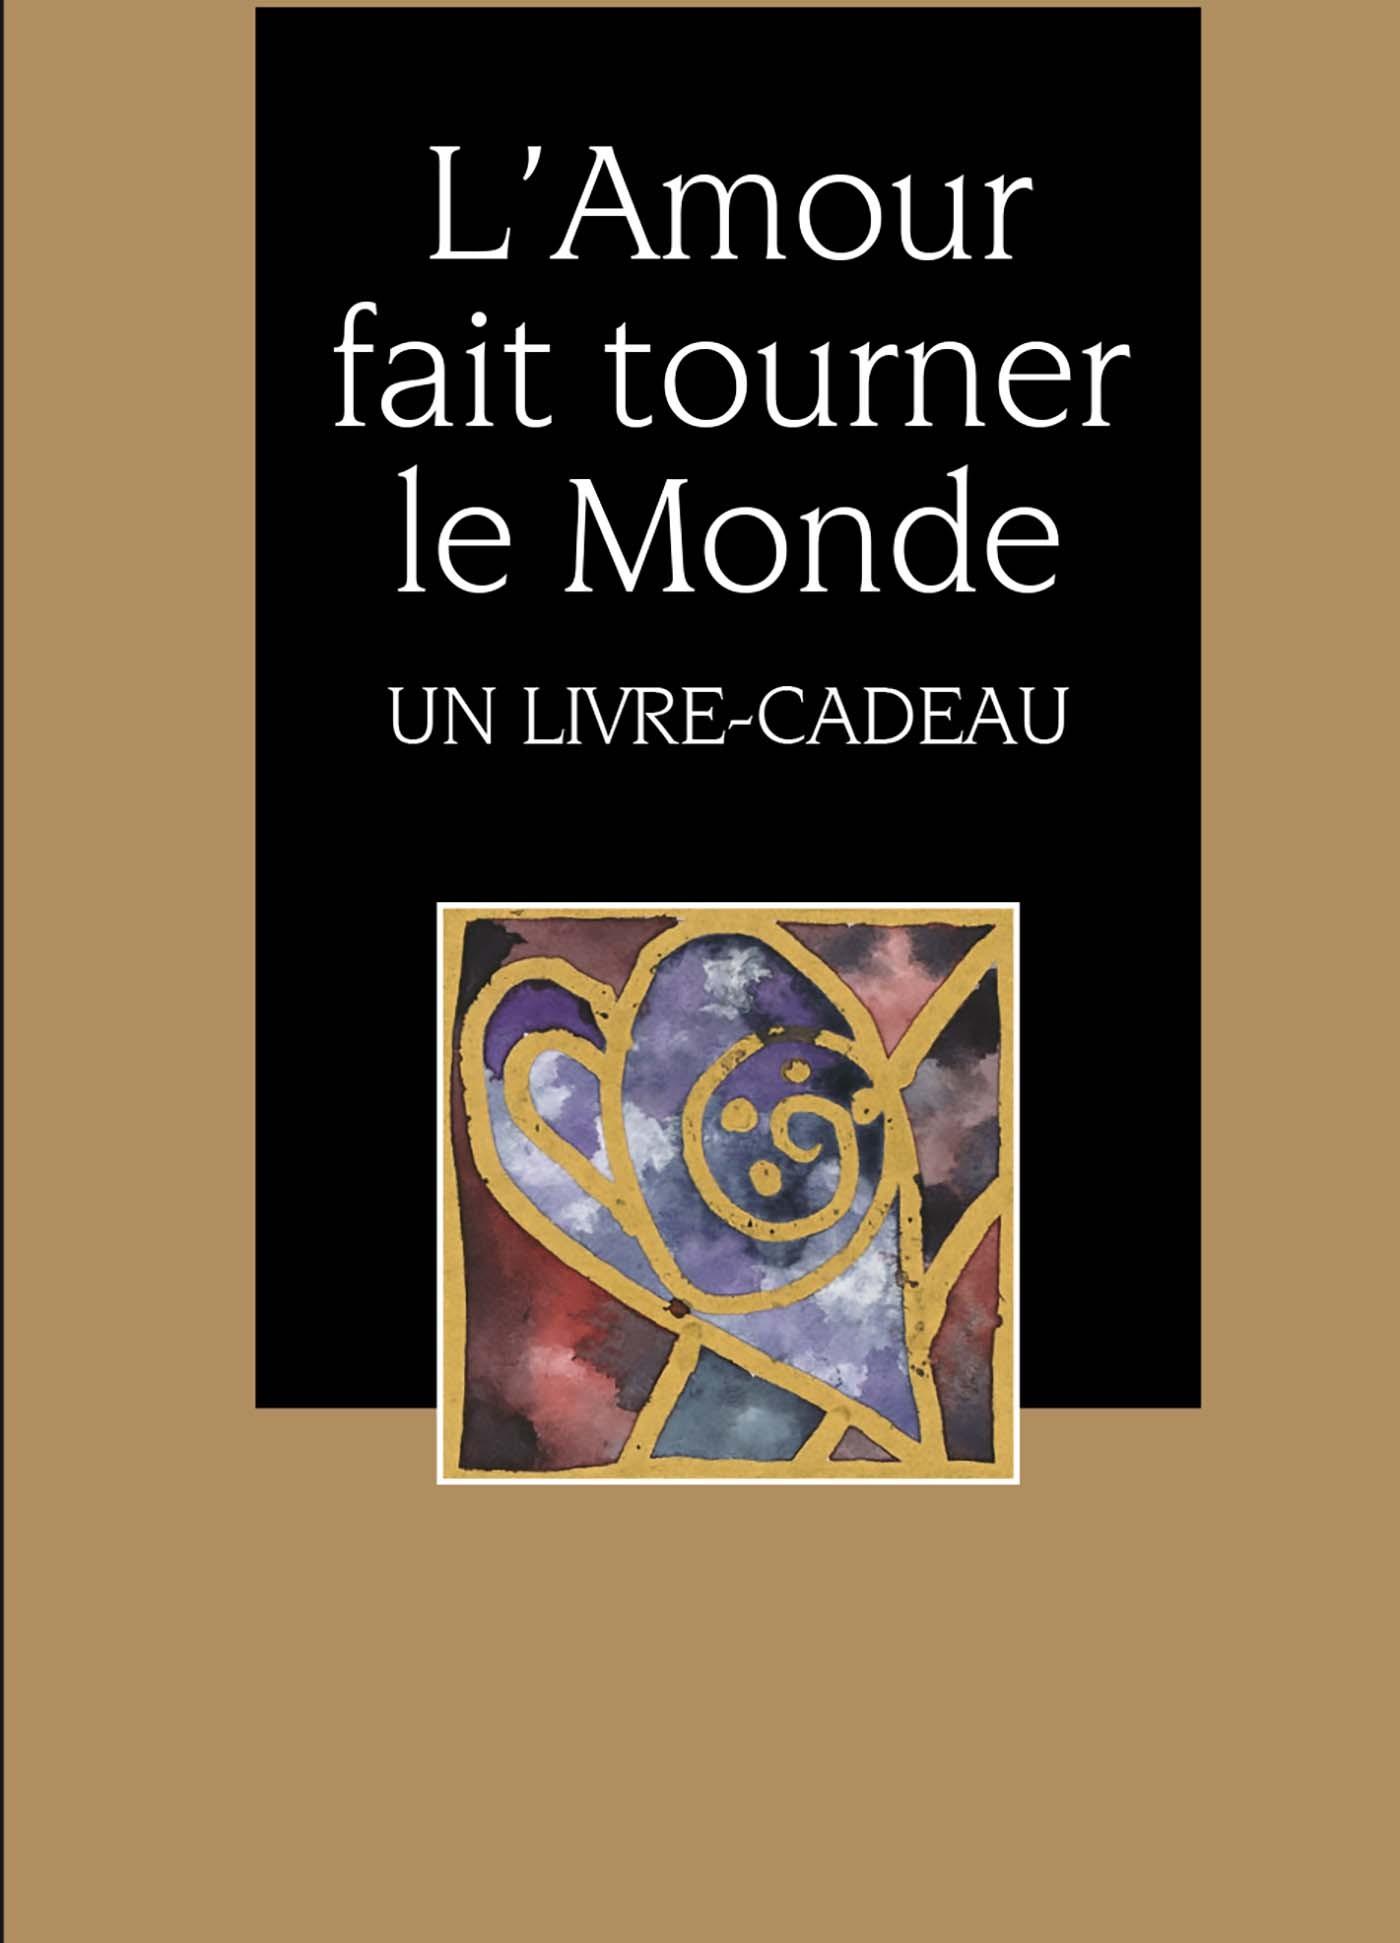 L'AMOUR FAIT TOURNER LE MONDE